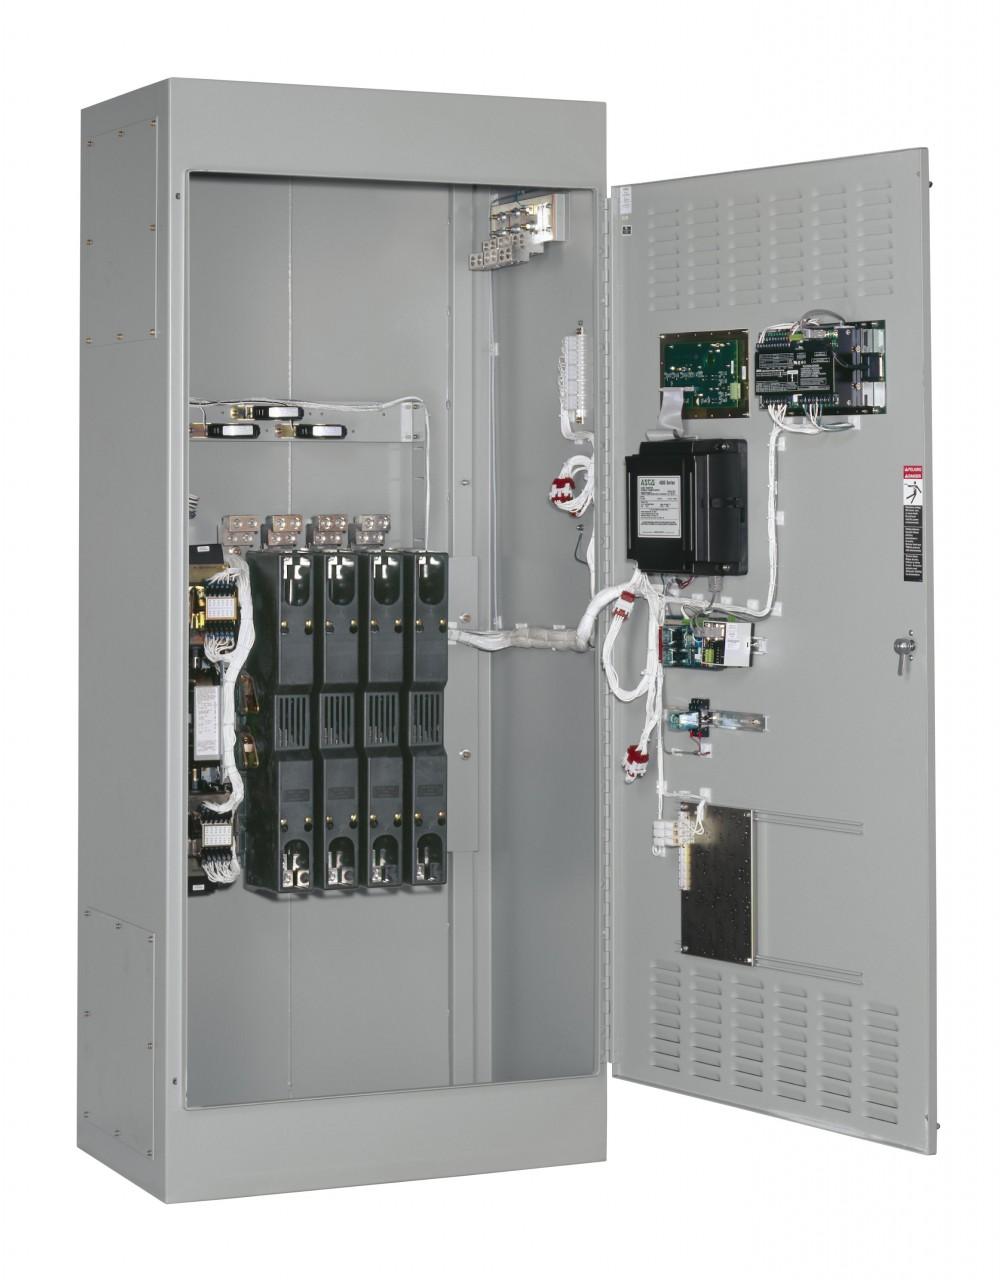 Asco 4000 Auto Transfer Switch (3Ph, 4-Pole, 70A)